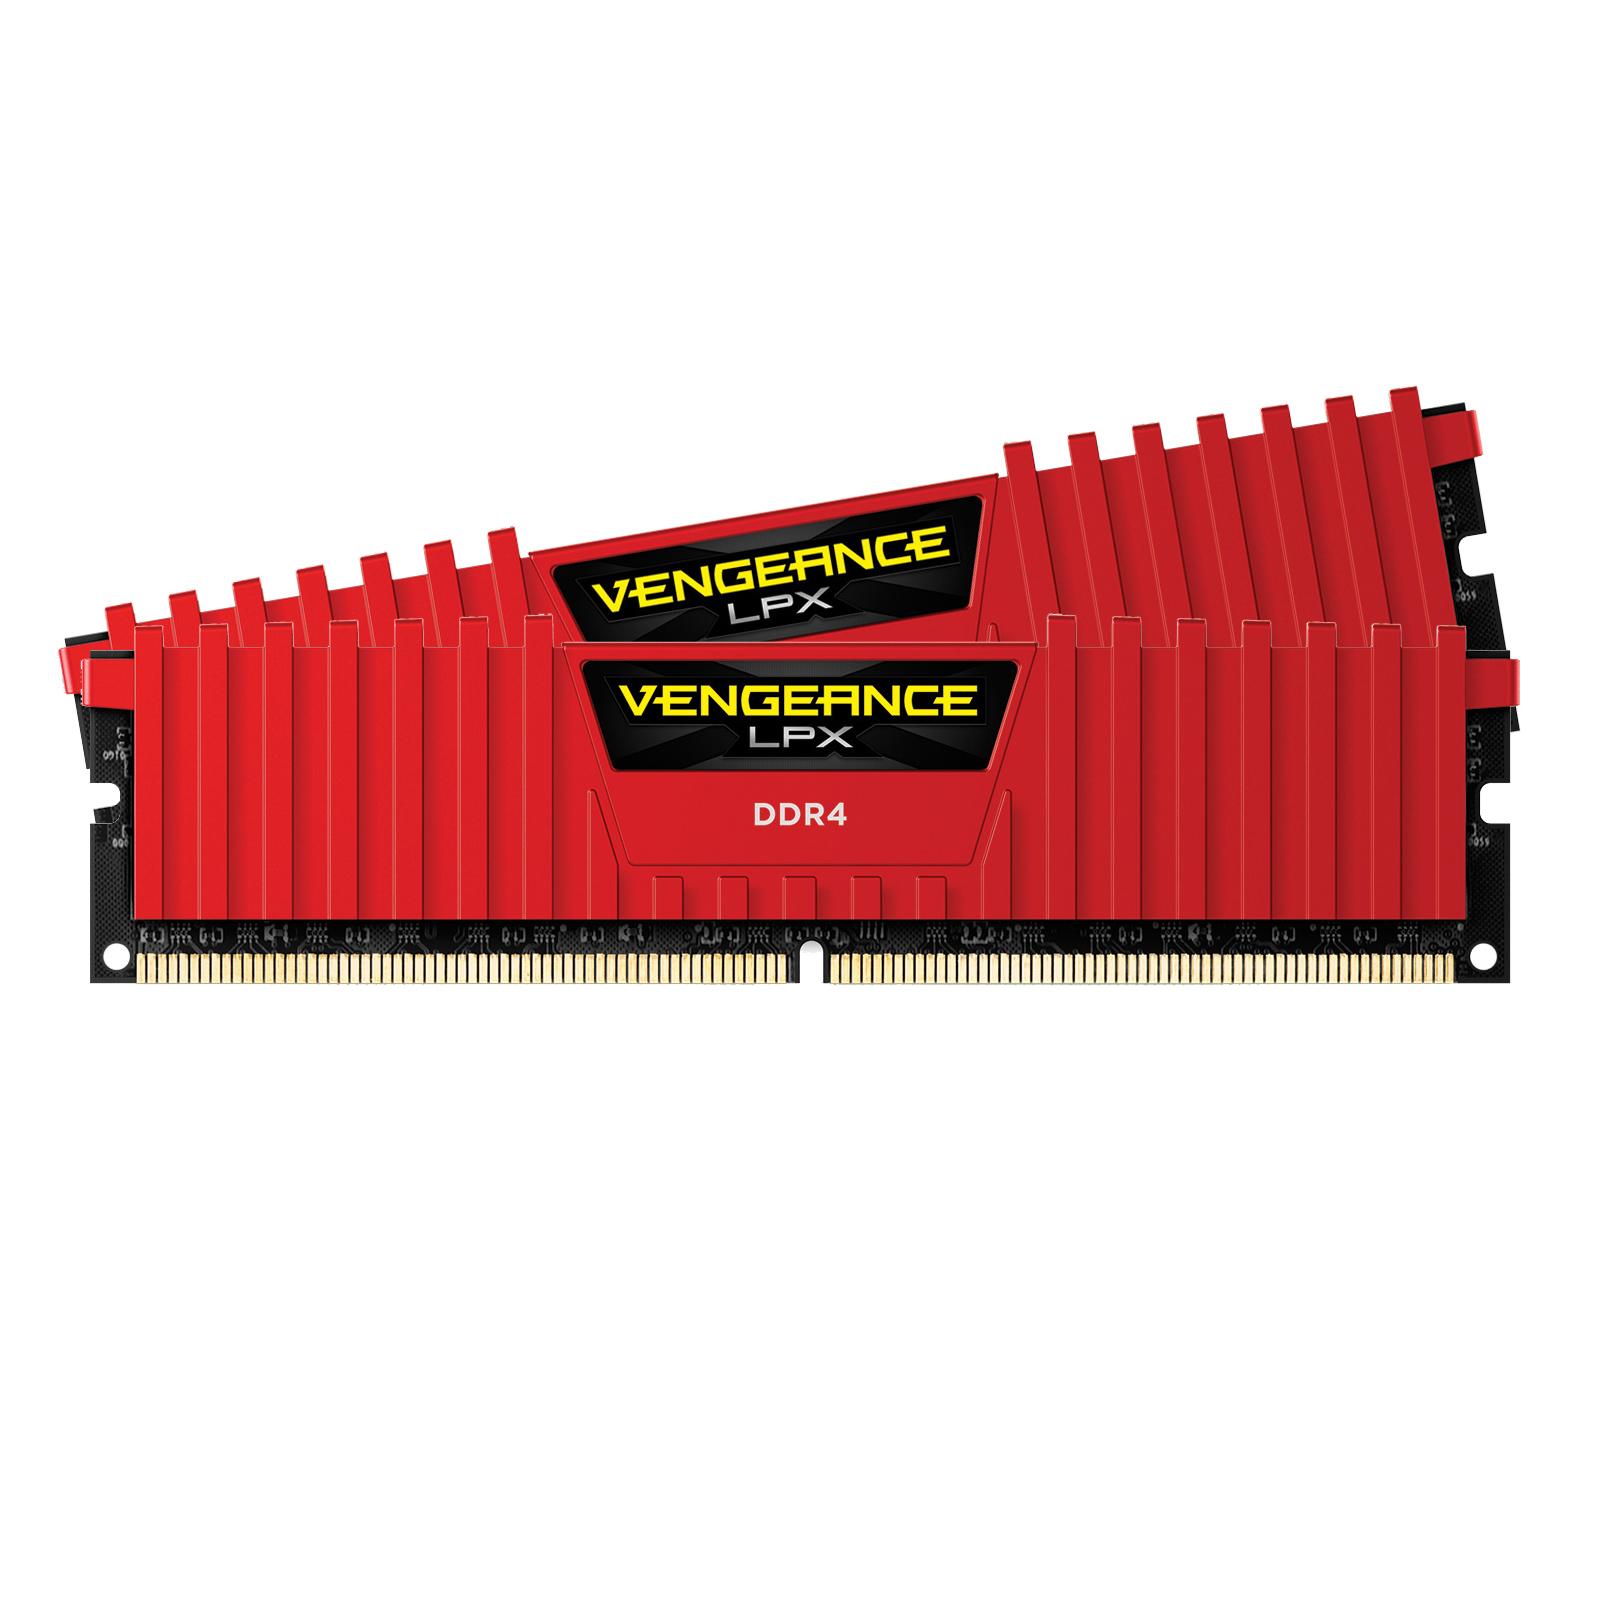 Mémoire PC Corsair Vengeance LPX Series Low Profile 16 Go (2x 8 Go) DDR4 3000 MHz CL15 Kit Quad Channel 2 barrettes de RAM DDR4 PC4-24000 - CMK16GX4M2B3000C15R (garantie à vie par Corsair)